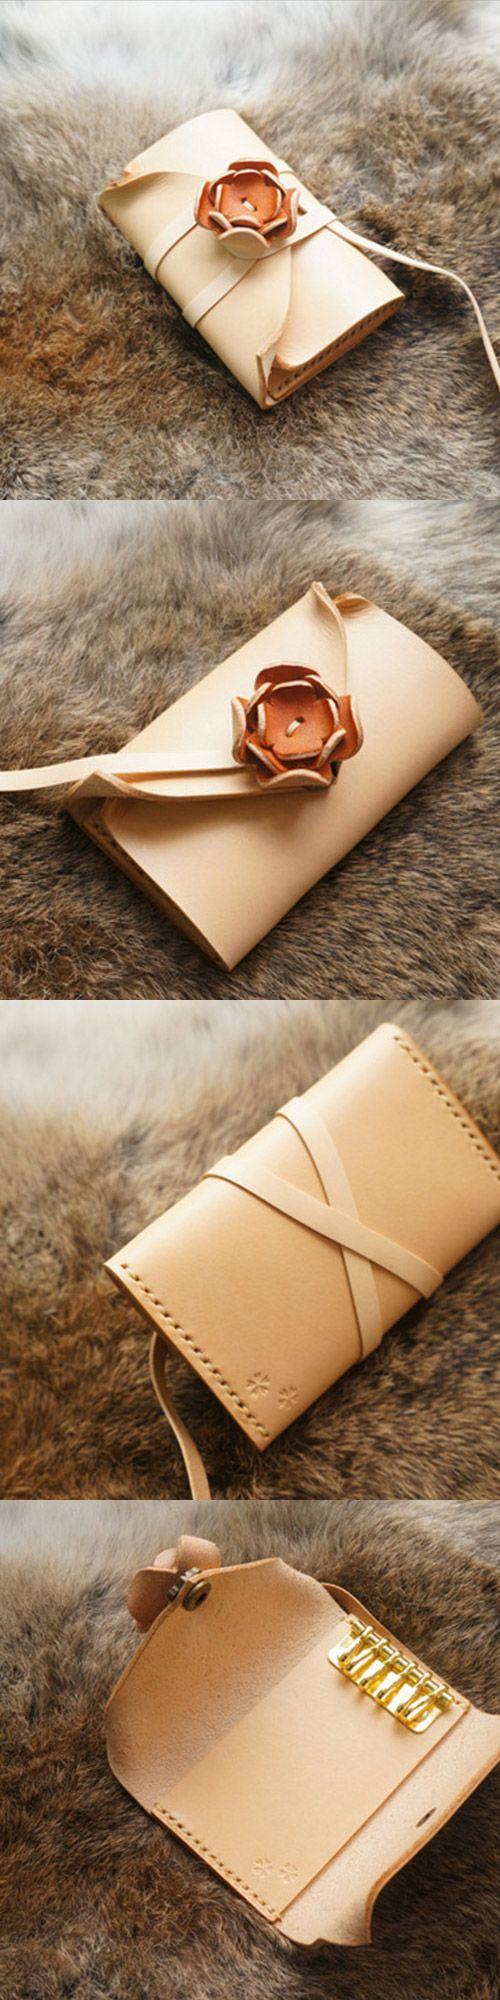 Handgemachte Leder Vintage Frauen kurze Schlüssel Brieftasche Geldbörse Brieftasche